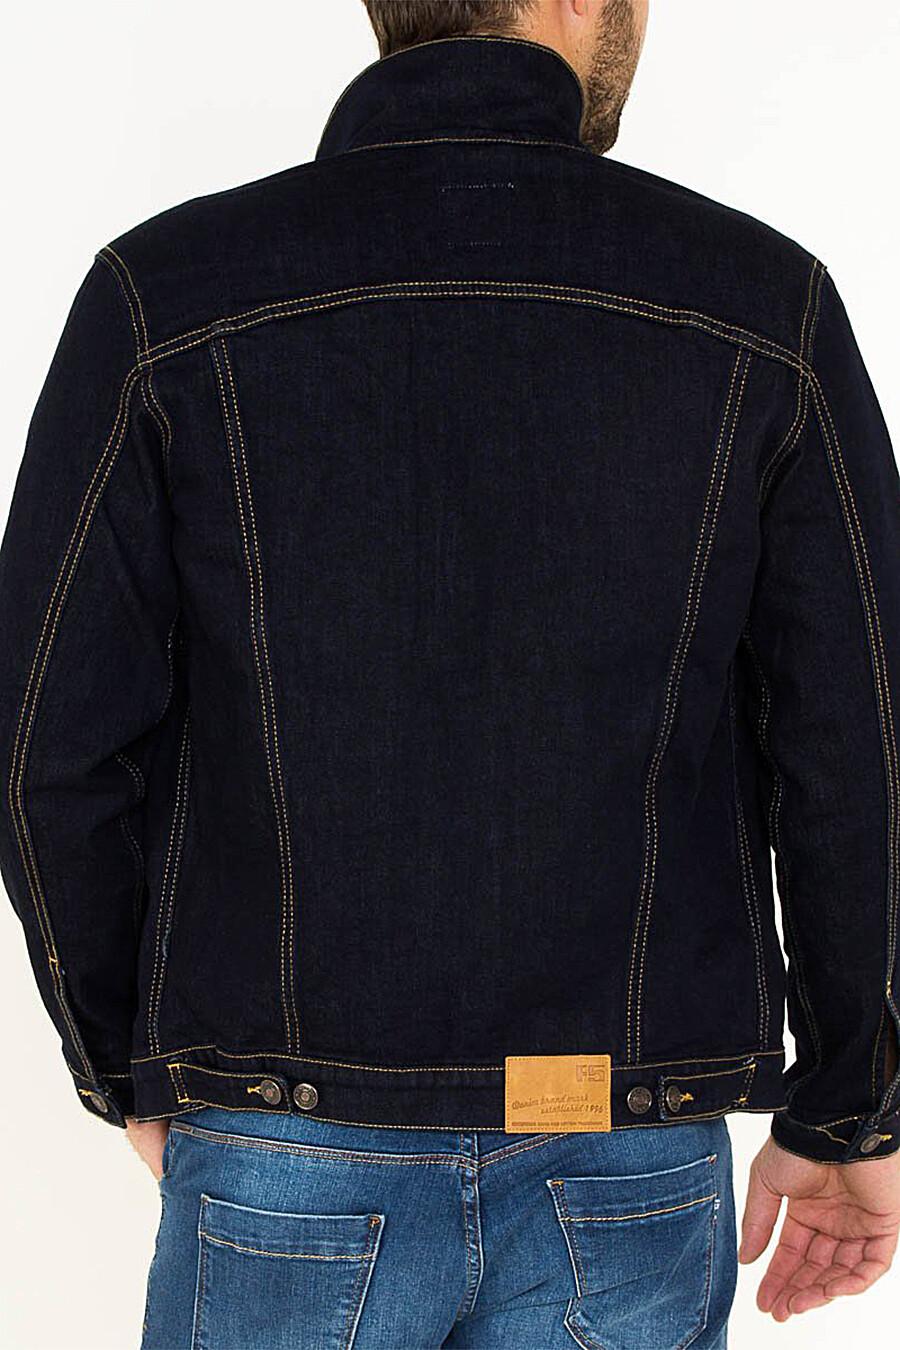 Куртка для мужчин F5 116567 купить оптом от производителя. Совместная покупка мужской одежды в OptMoyo